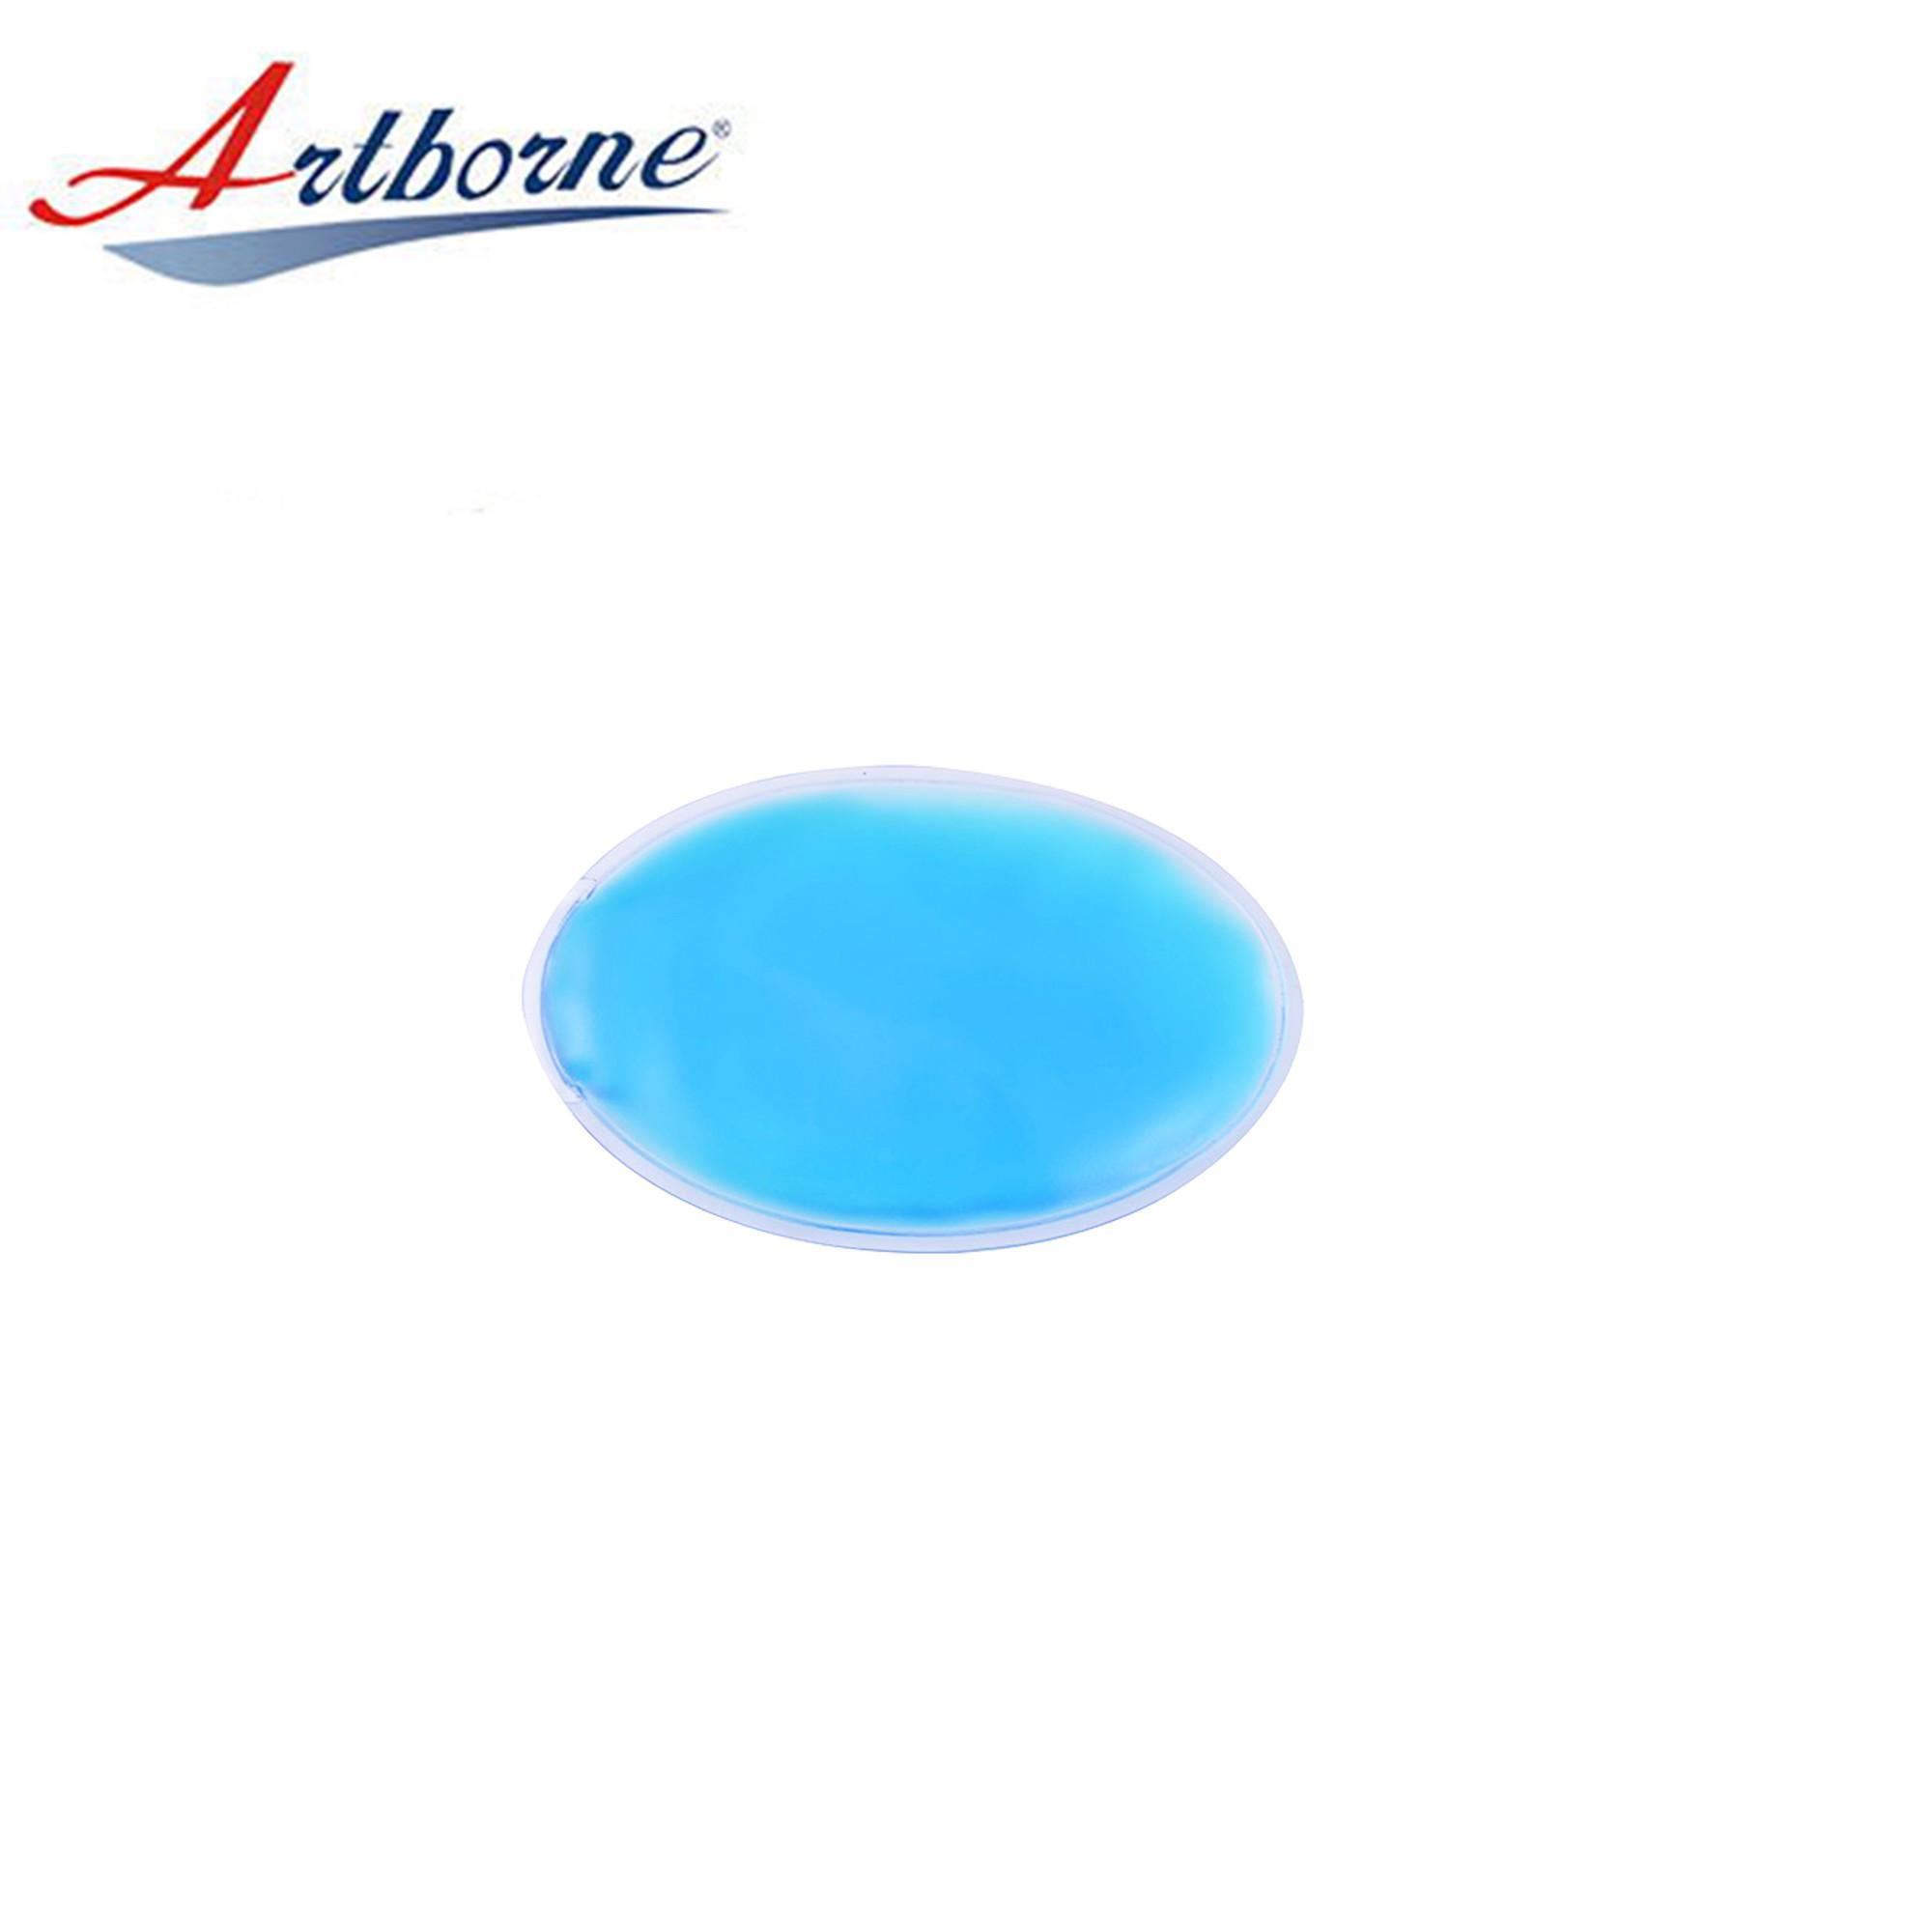 Artborne Array image42